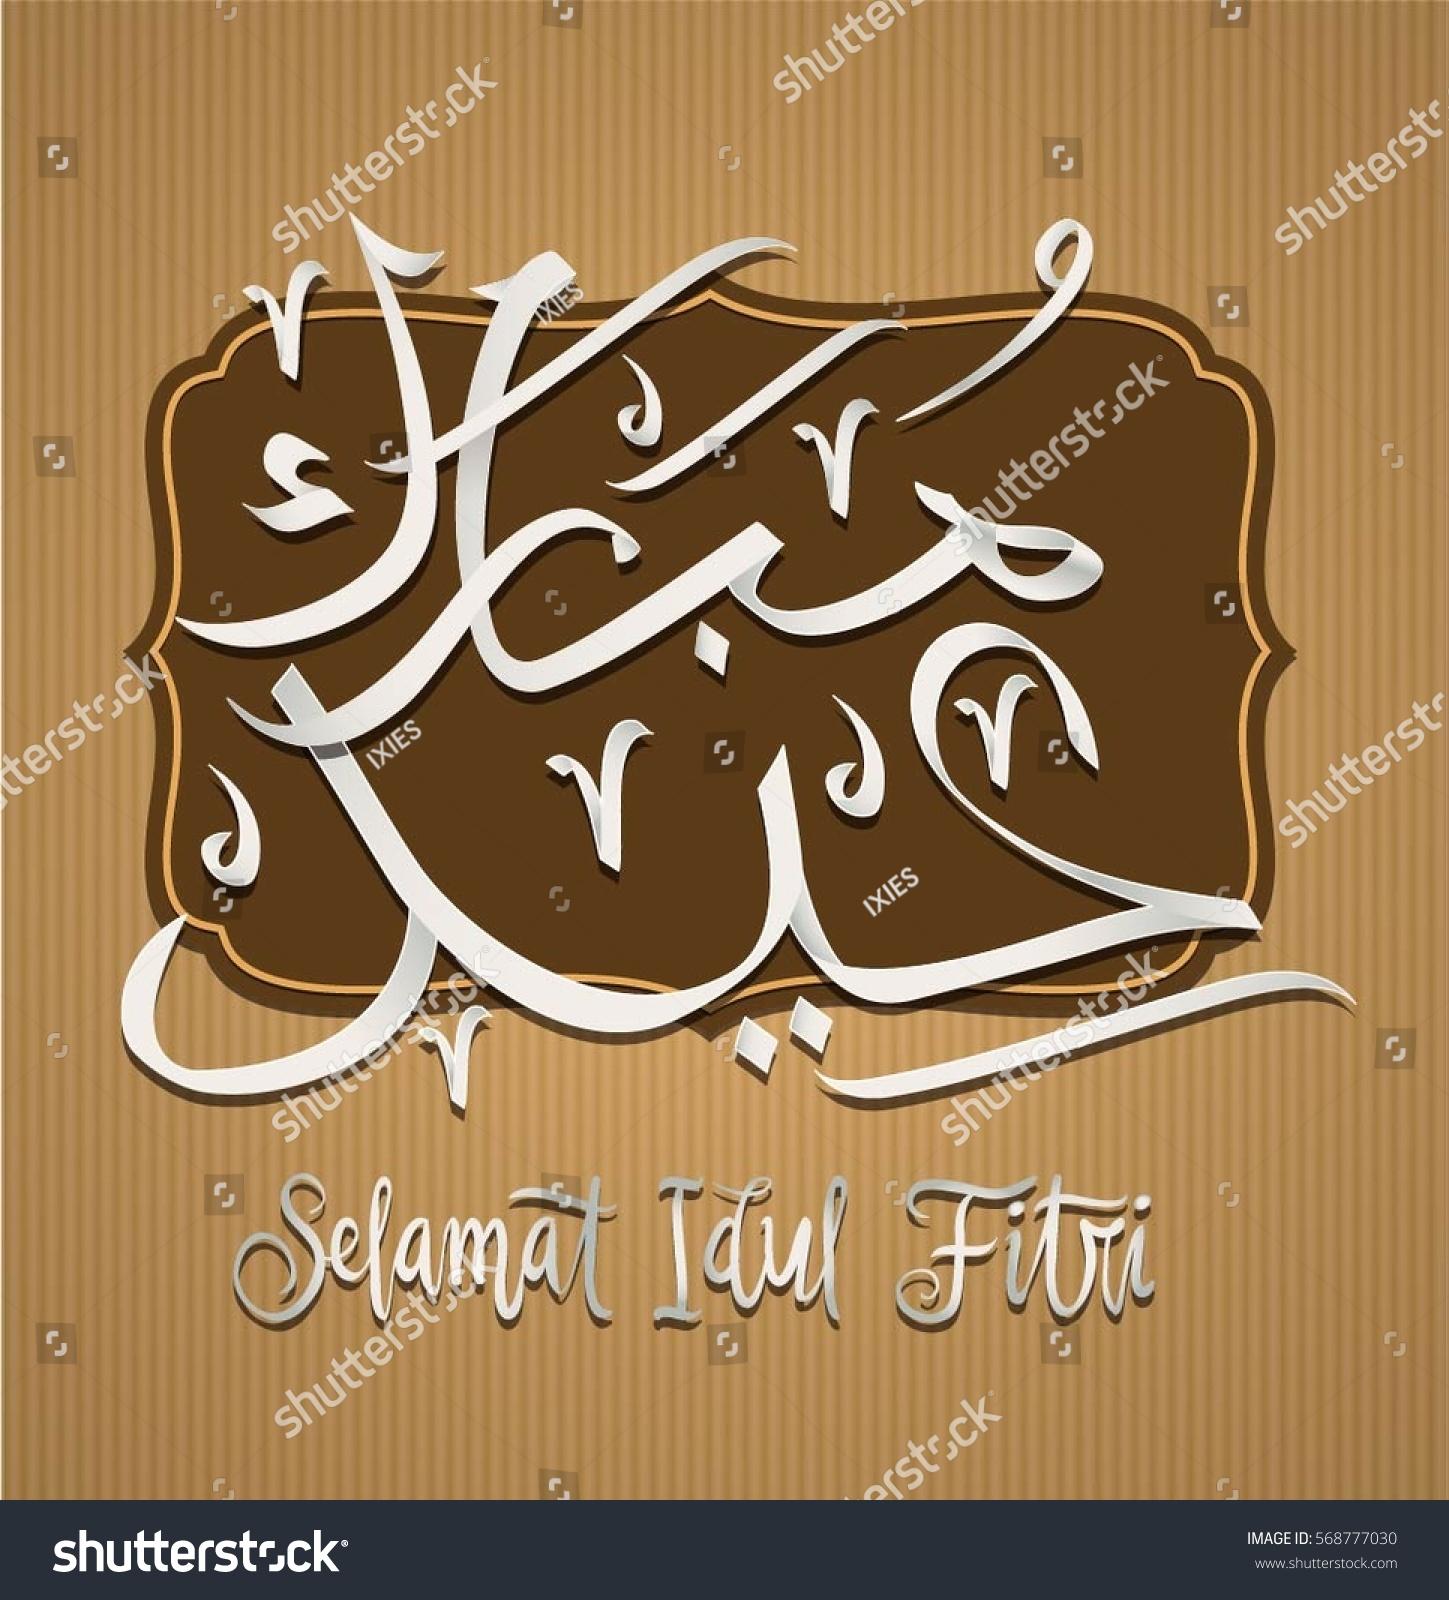 Papercut eid mubarak selamat idul fitri stock vector 568777030 selamat idul fitri mean greeting or happy eid mubarak kristyandbryce Images